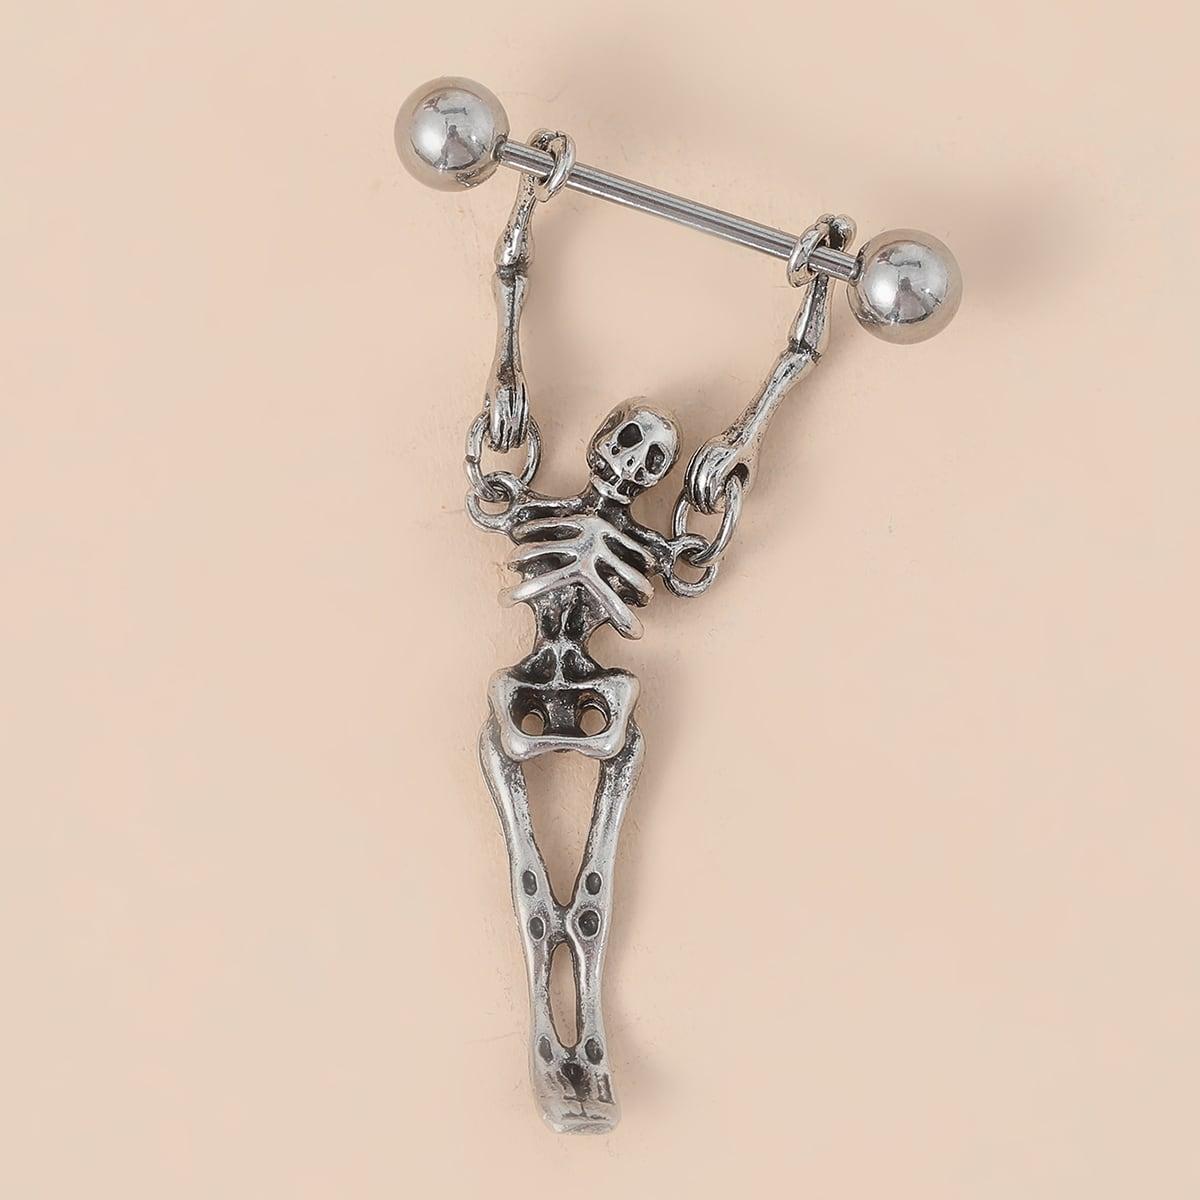 Кольцо для сосков с скелетом из нержавеющей стали